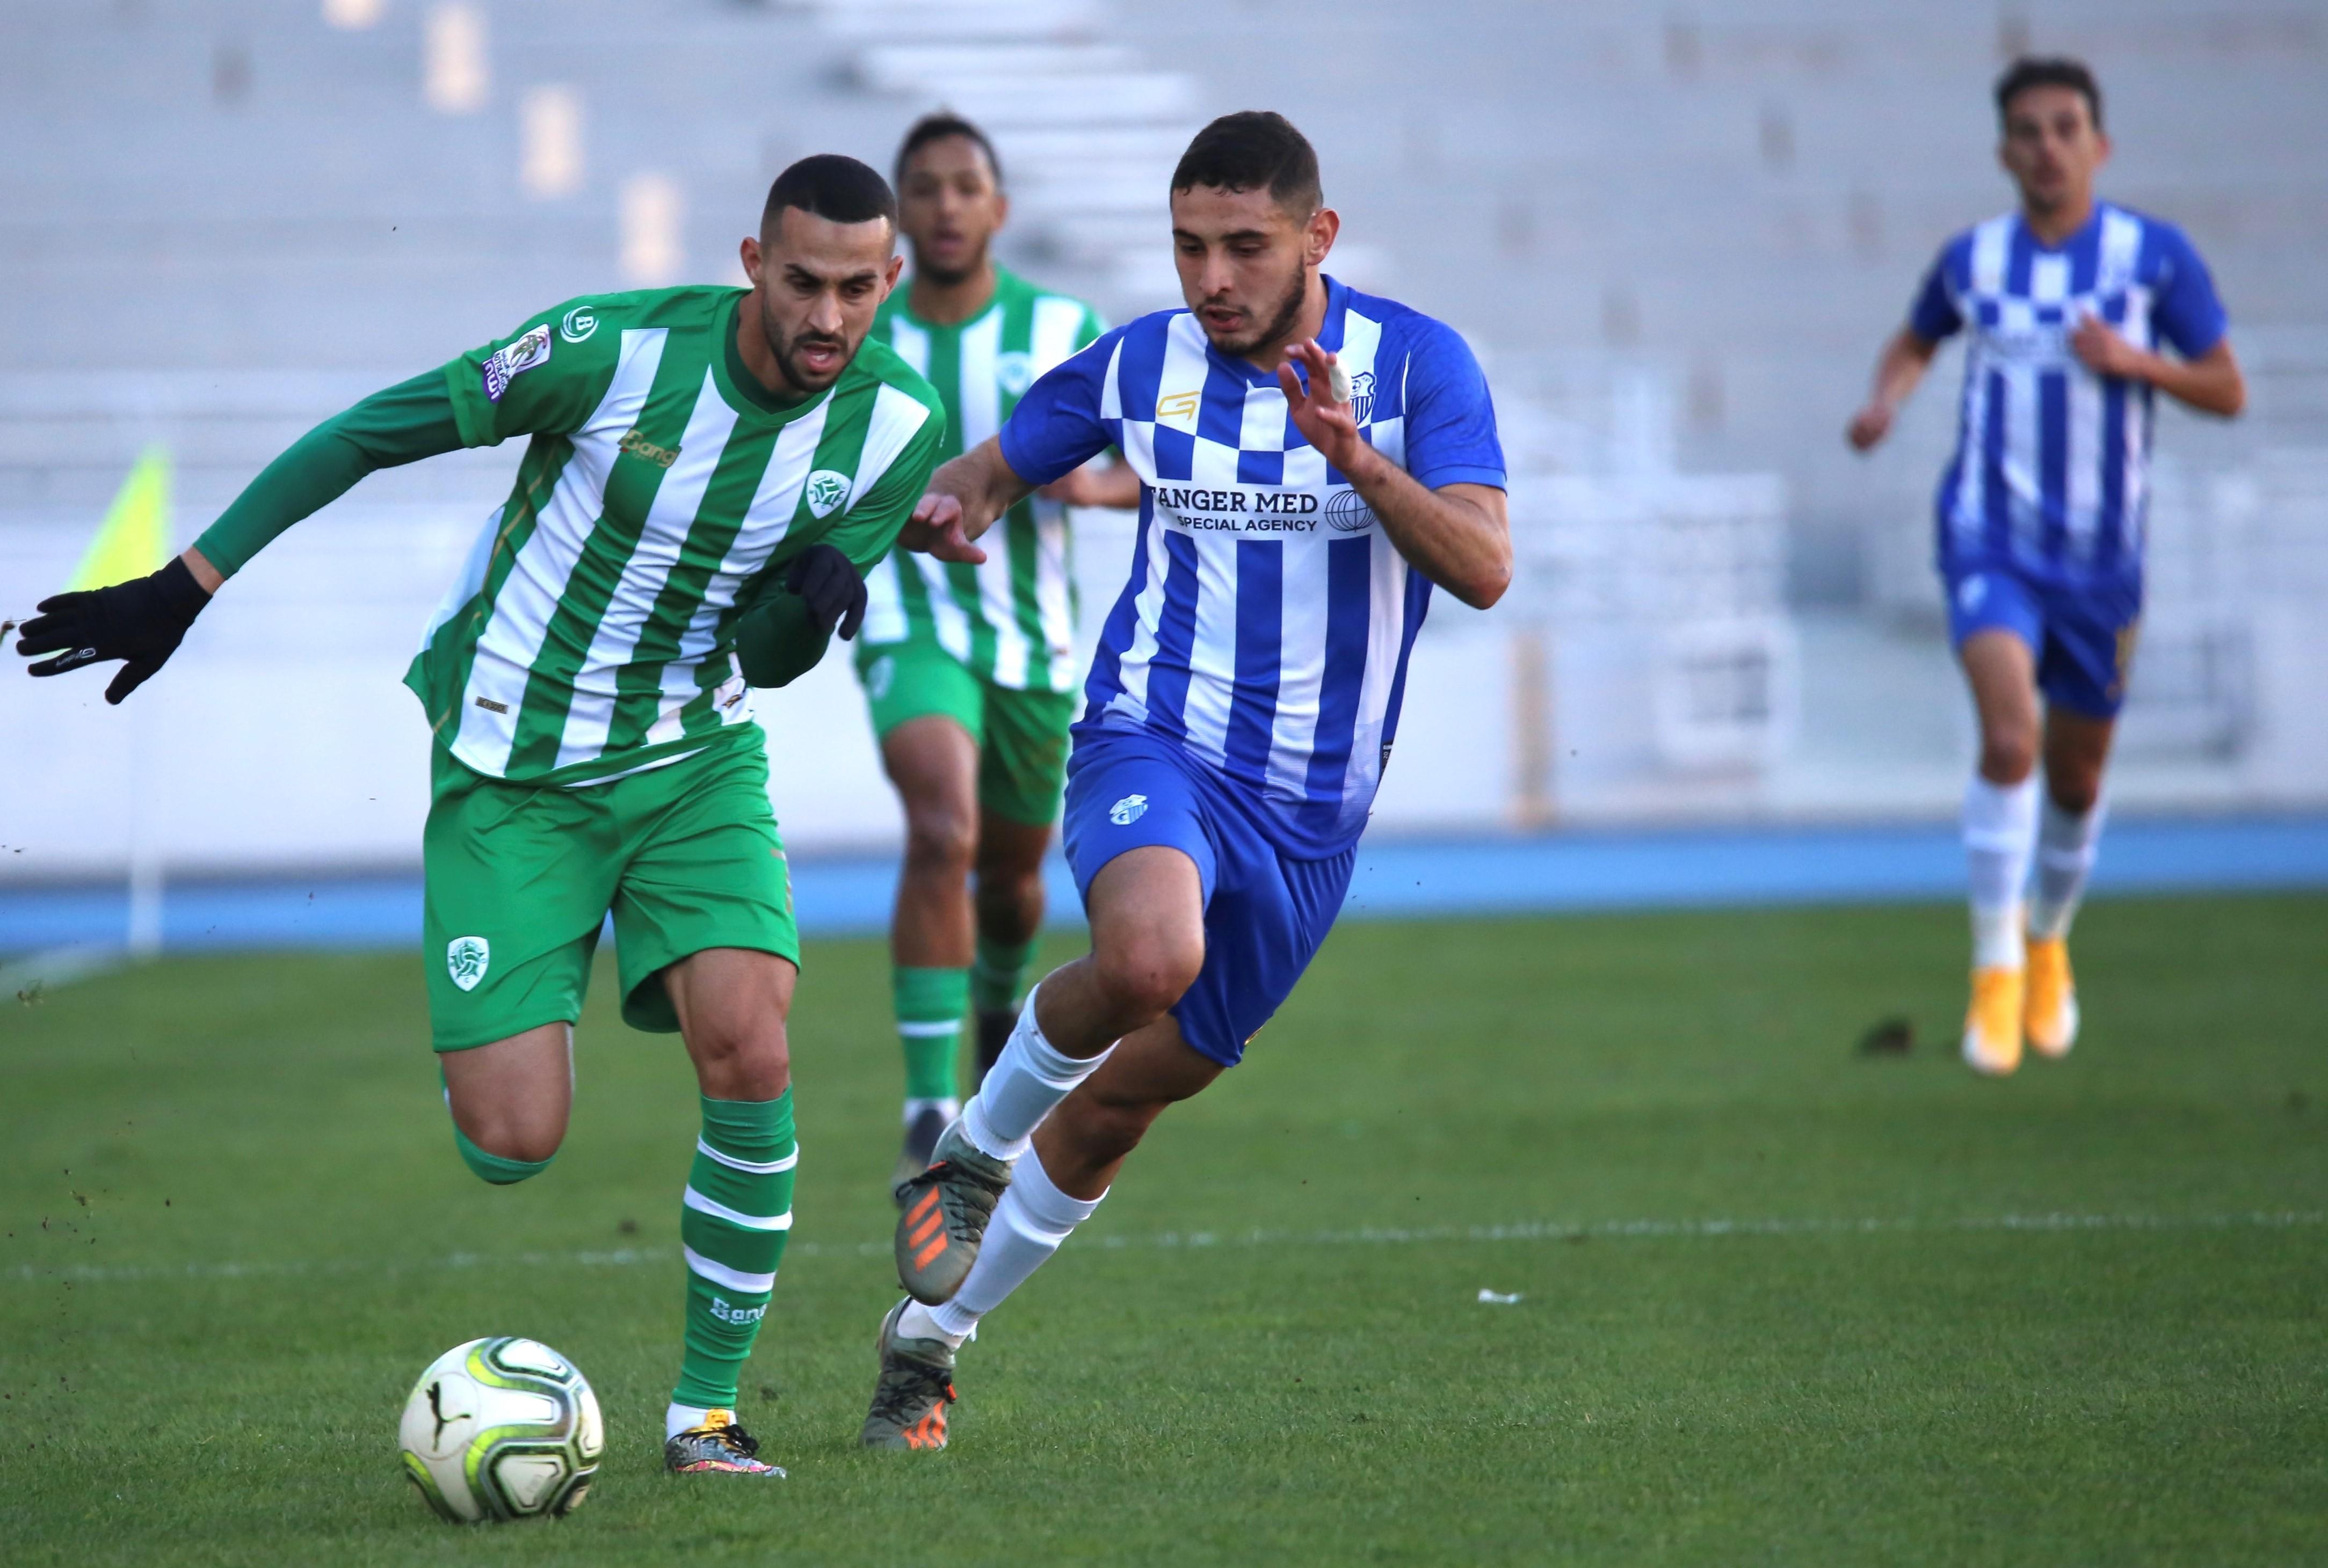 Coupe du Trône / IRT-MCO (3-0) : Les Tangérois maladroits mais vainqueurs face à des Oujdis persécutés par la malchance !